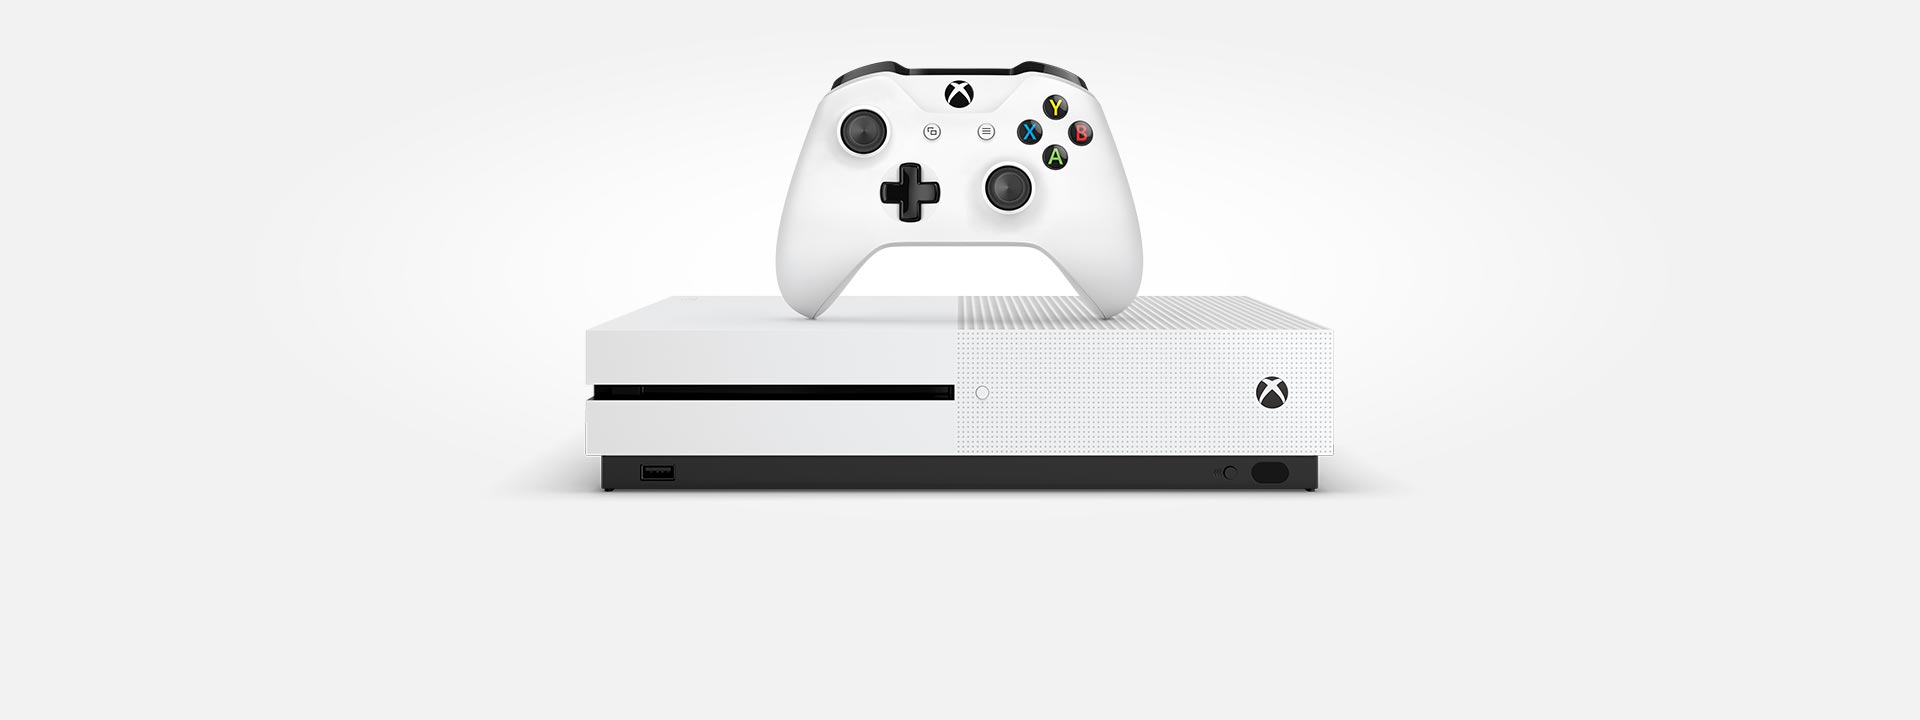 Console et manette Xbox One S, achetez maintenant